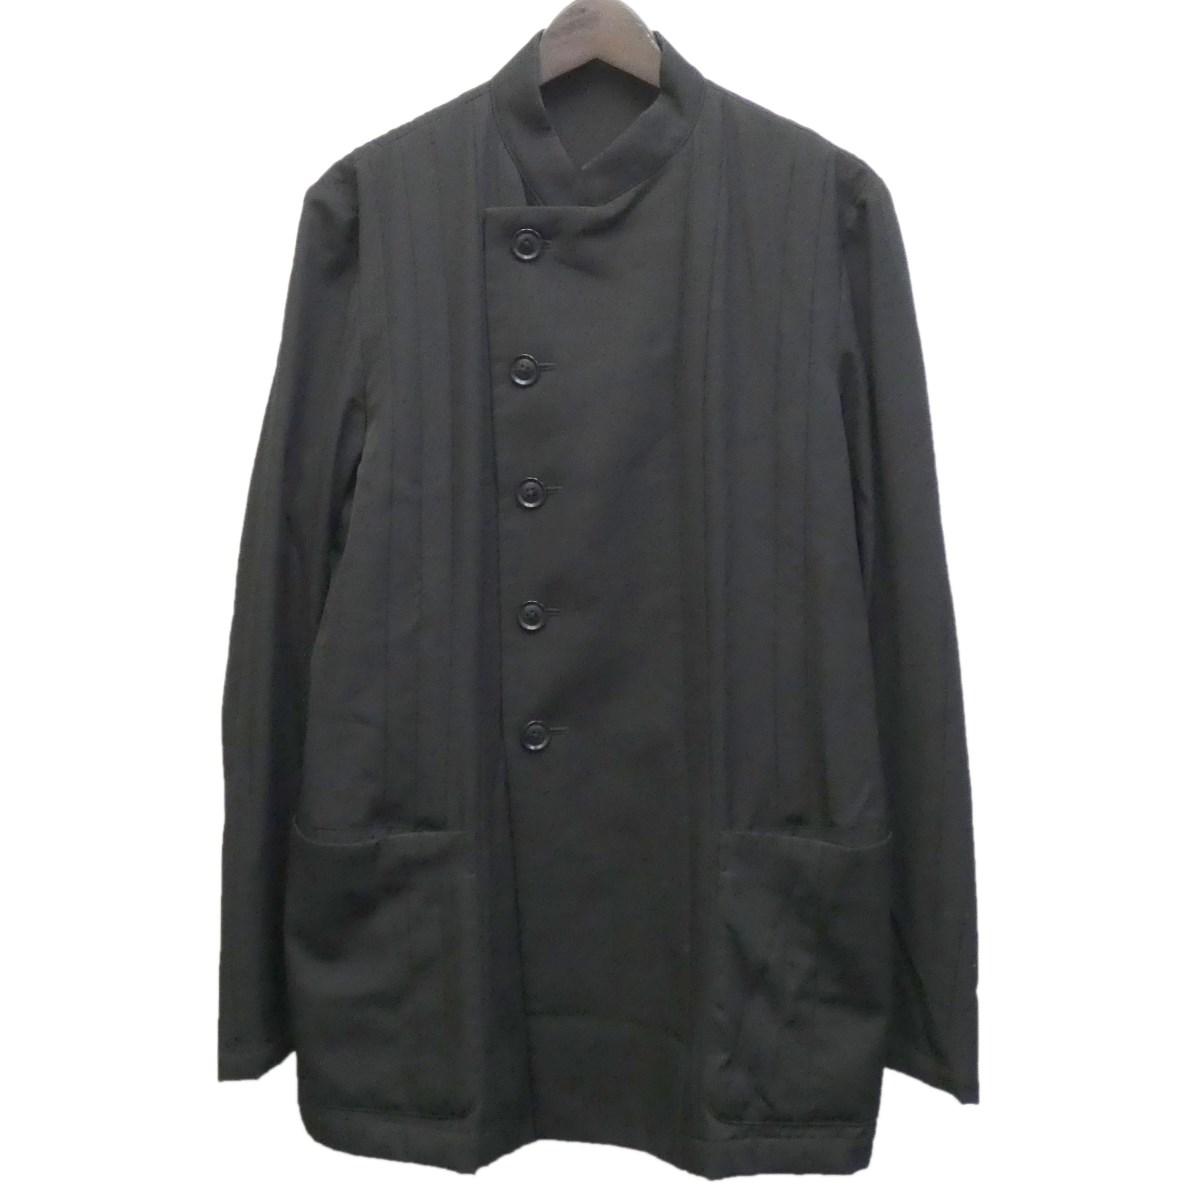 【中古】YOHJI YAMAMOTO pour homme 2016SS スタンドカラーダブルジャケット ブラック サイズ:2 【090120】(ヨウジヤマモトプールオム)